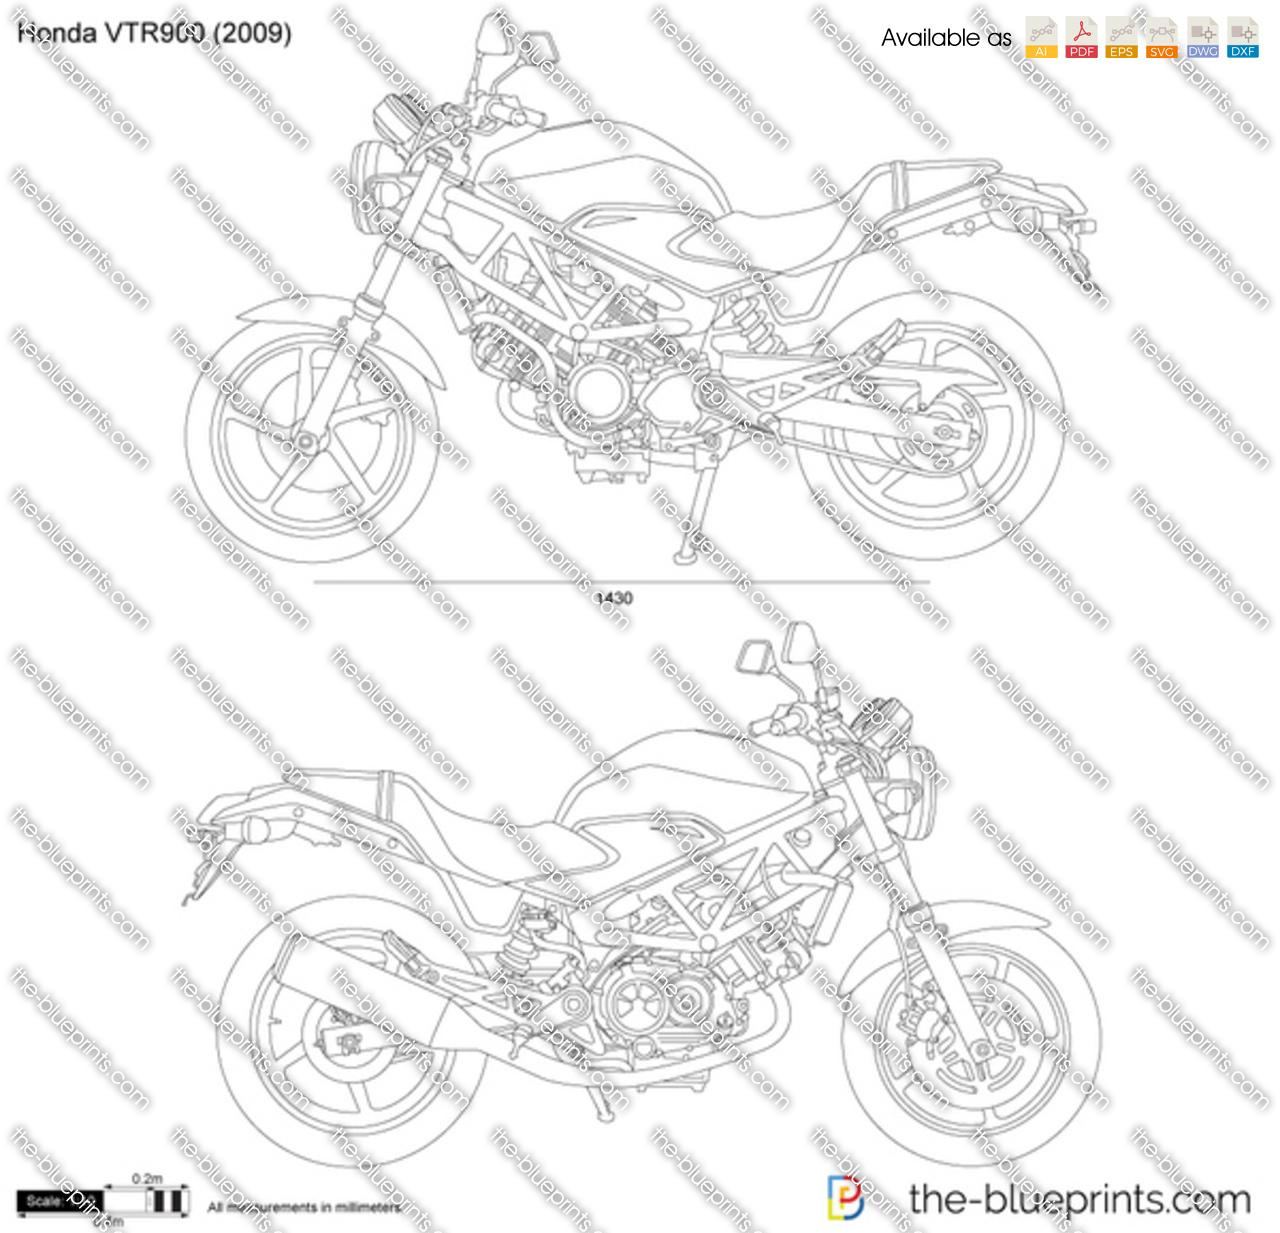 Honda VTR900 vector drawing